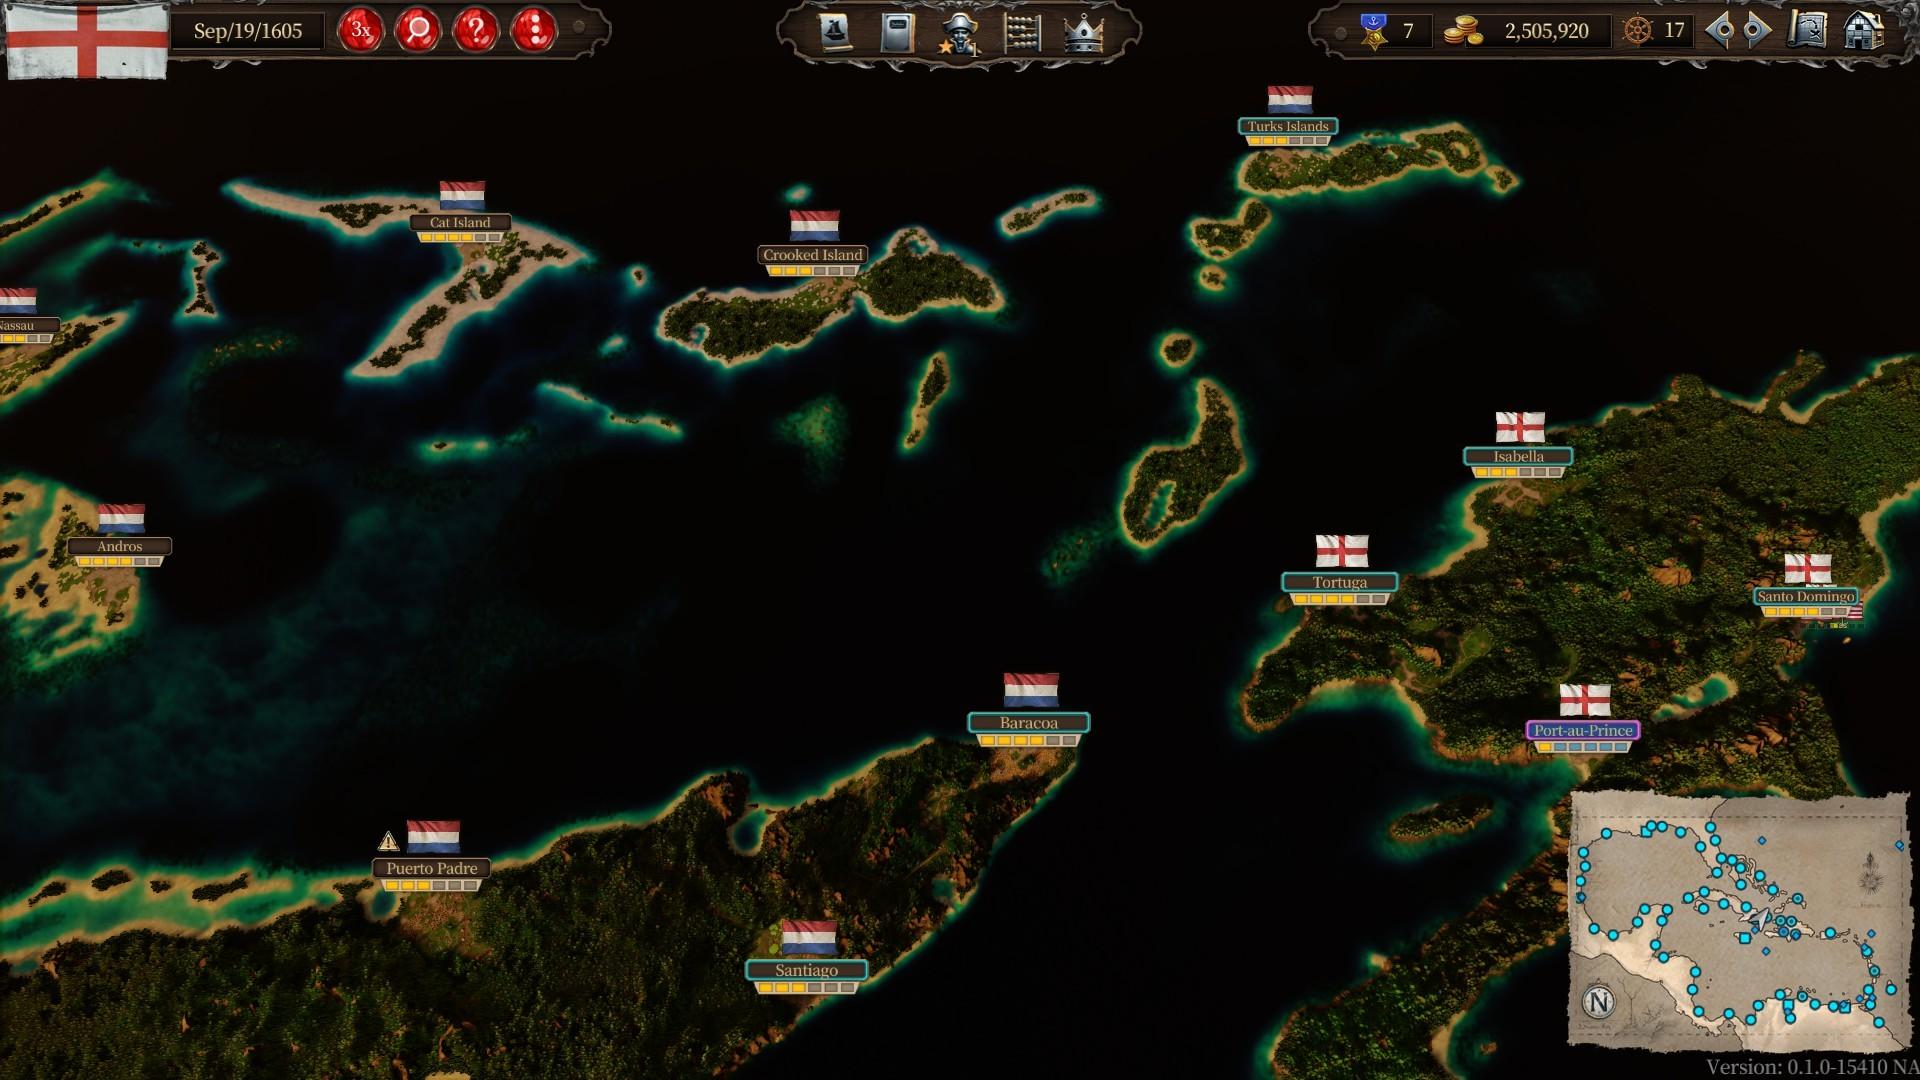 Port Royale 4 torrent